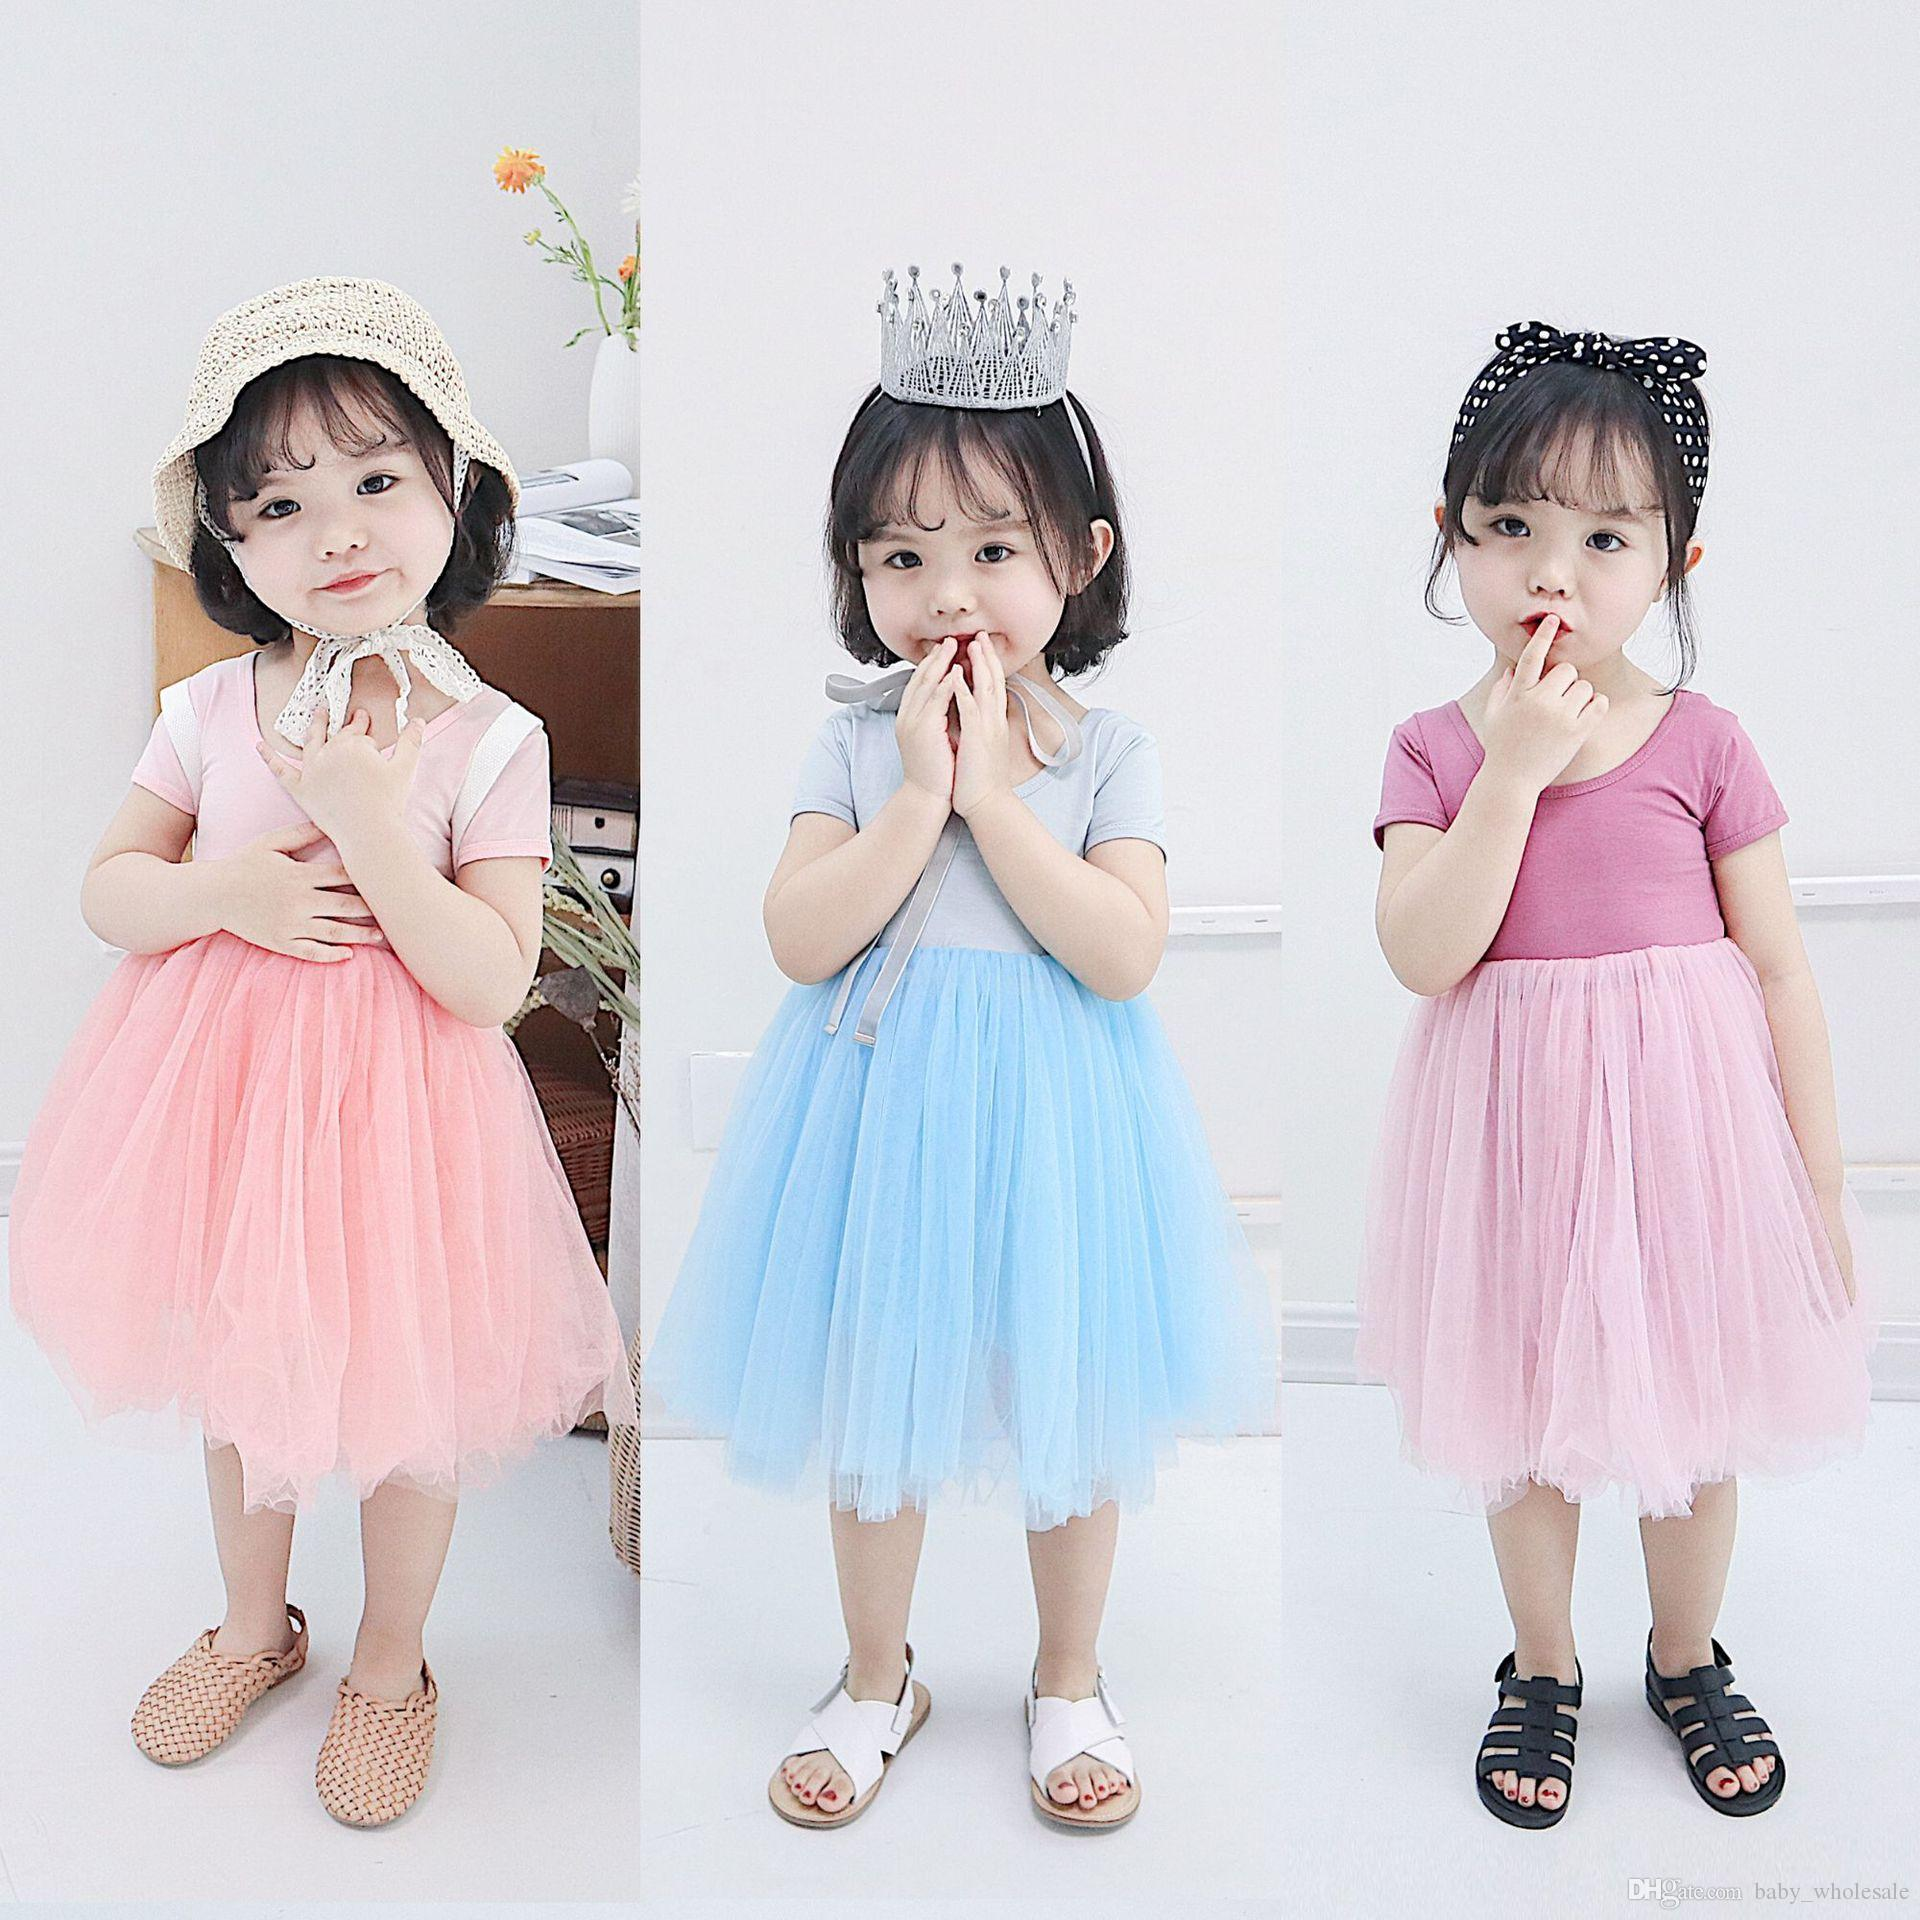 428af51ef252 New Summer Kids Dresses Short-Sleeve Children Tulle Dress ins Hot-selling  Baby Girls' Gauze Dress 1-7Y Tutu Dress